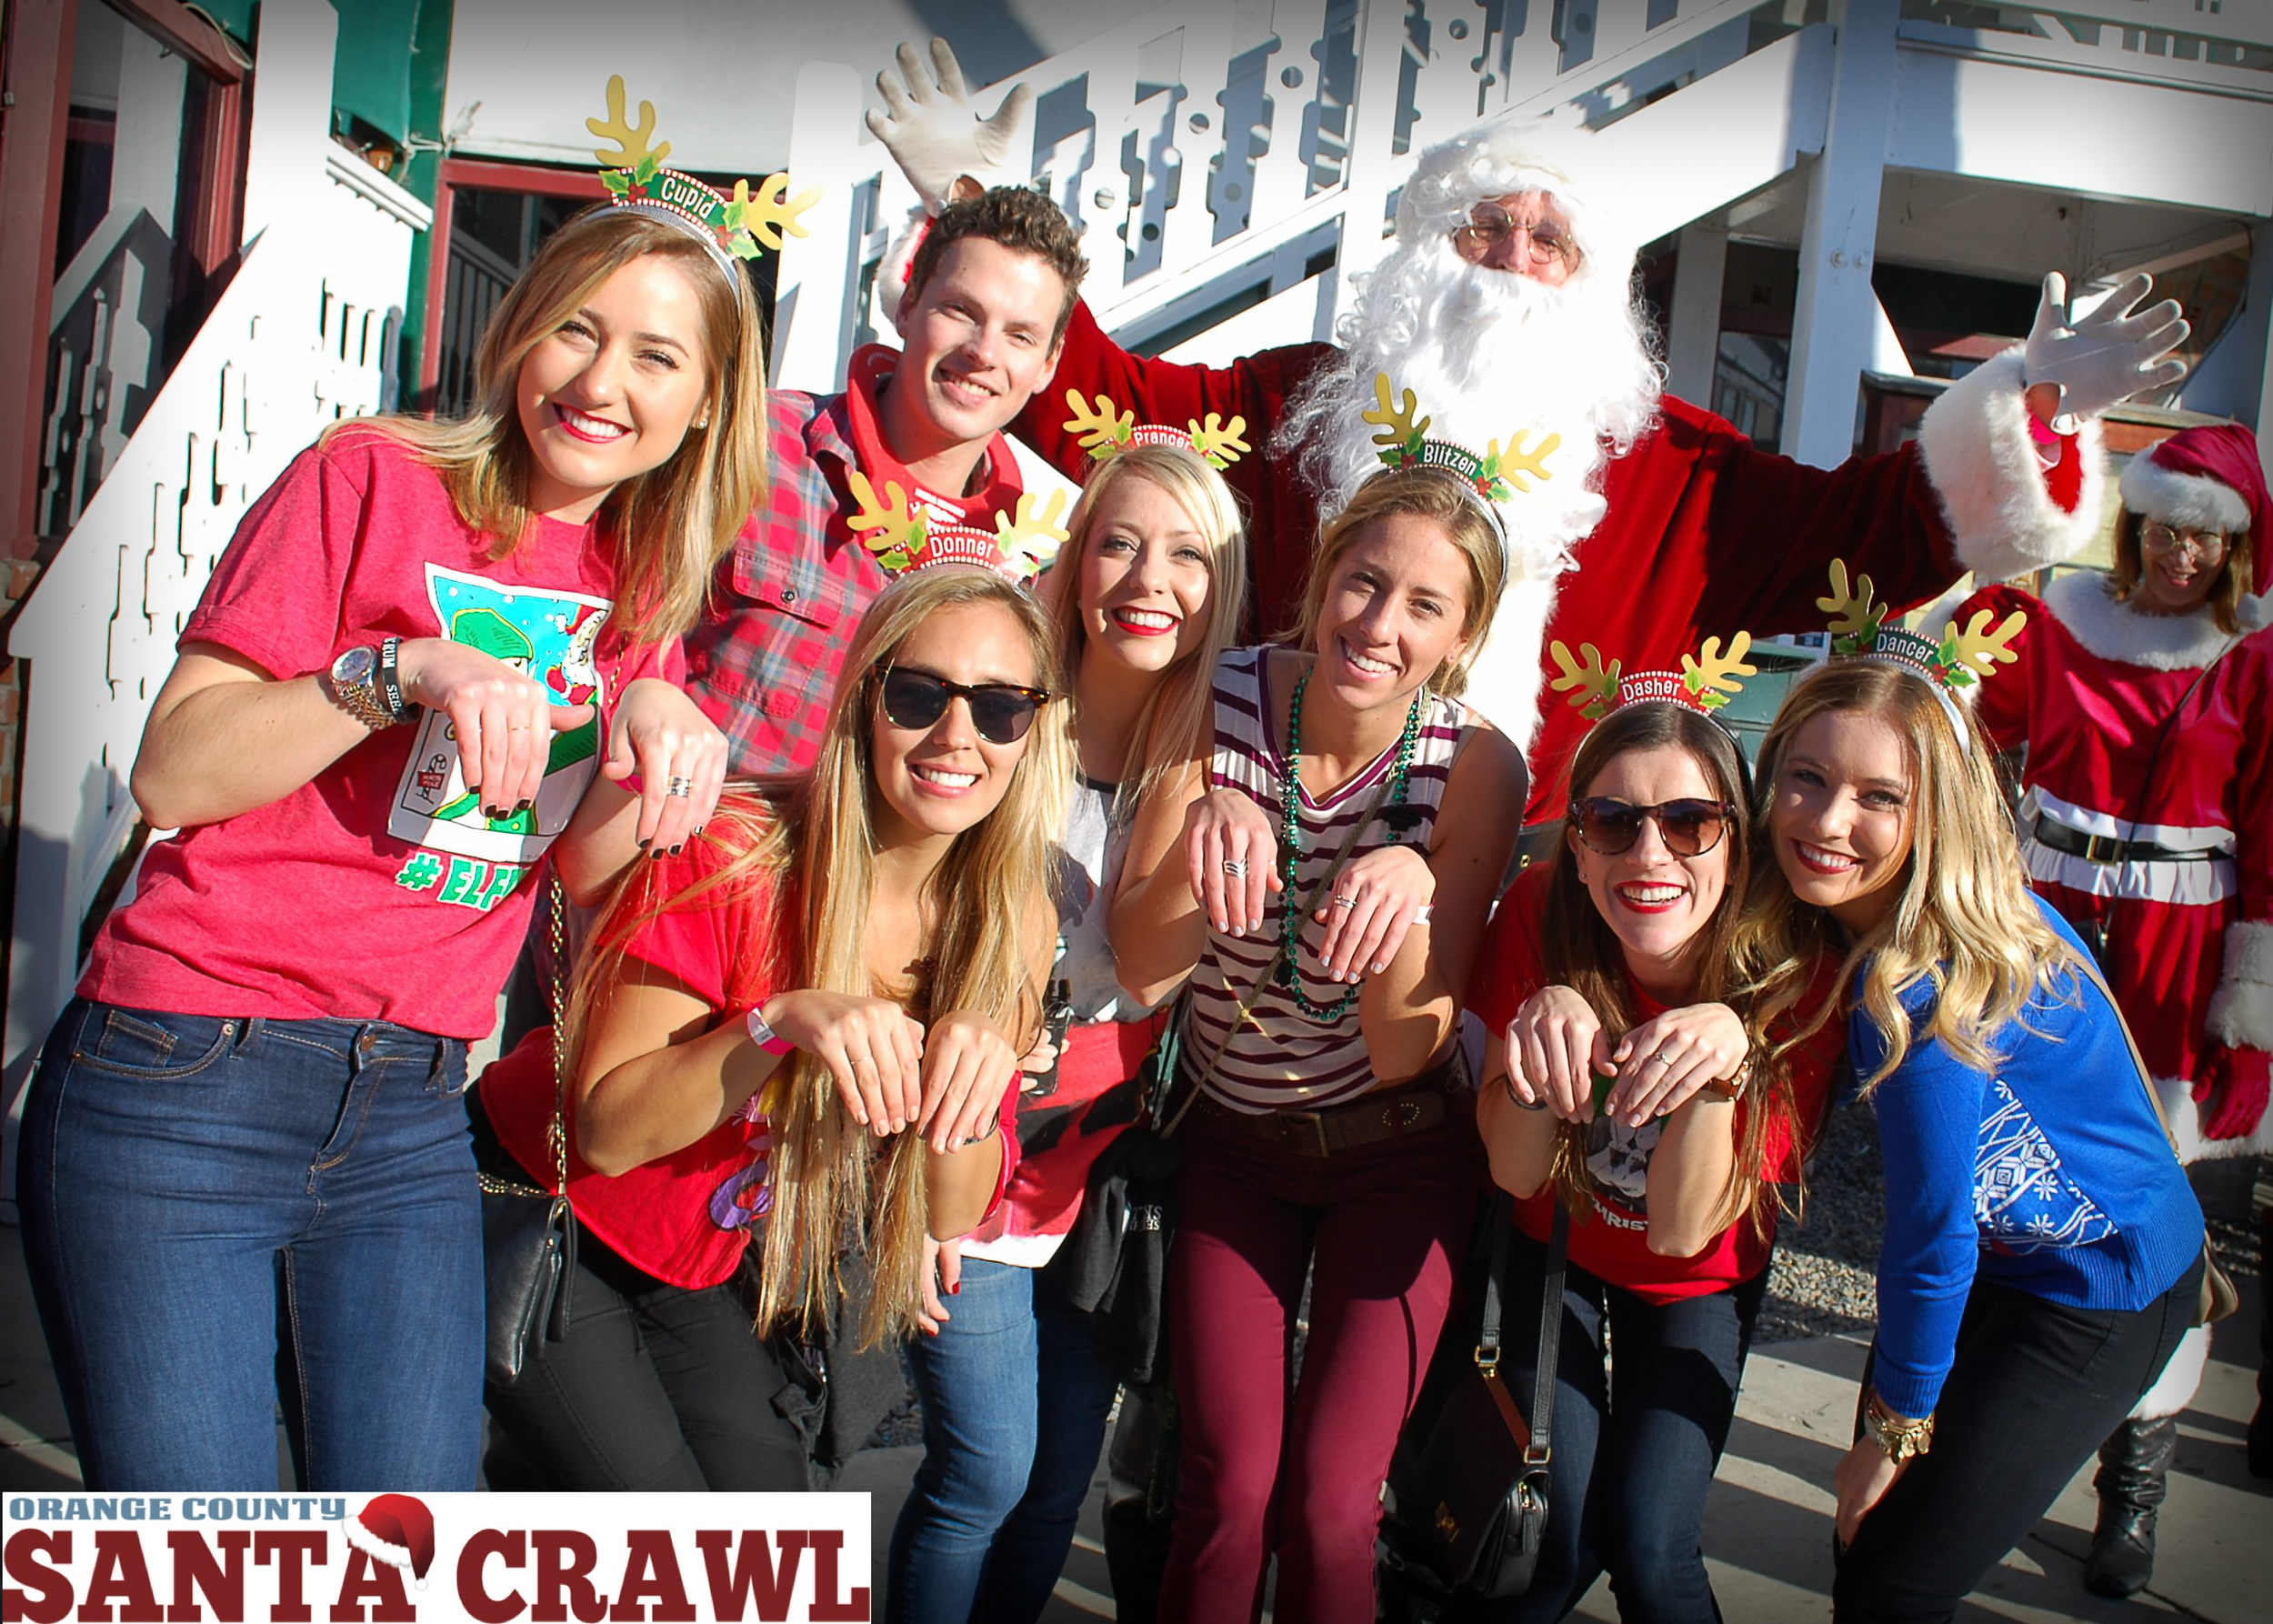 Newport Beach Santa Crawl 2014-12.jpg